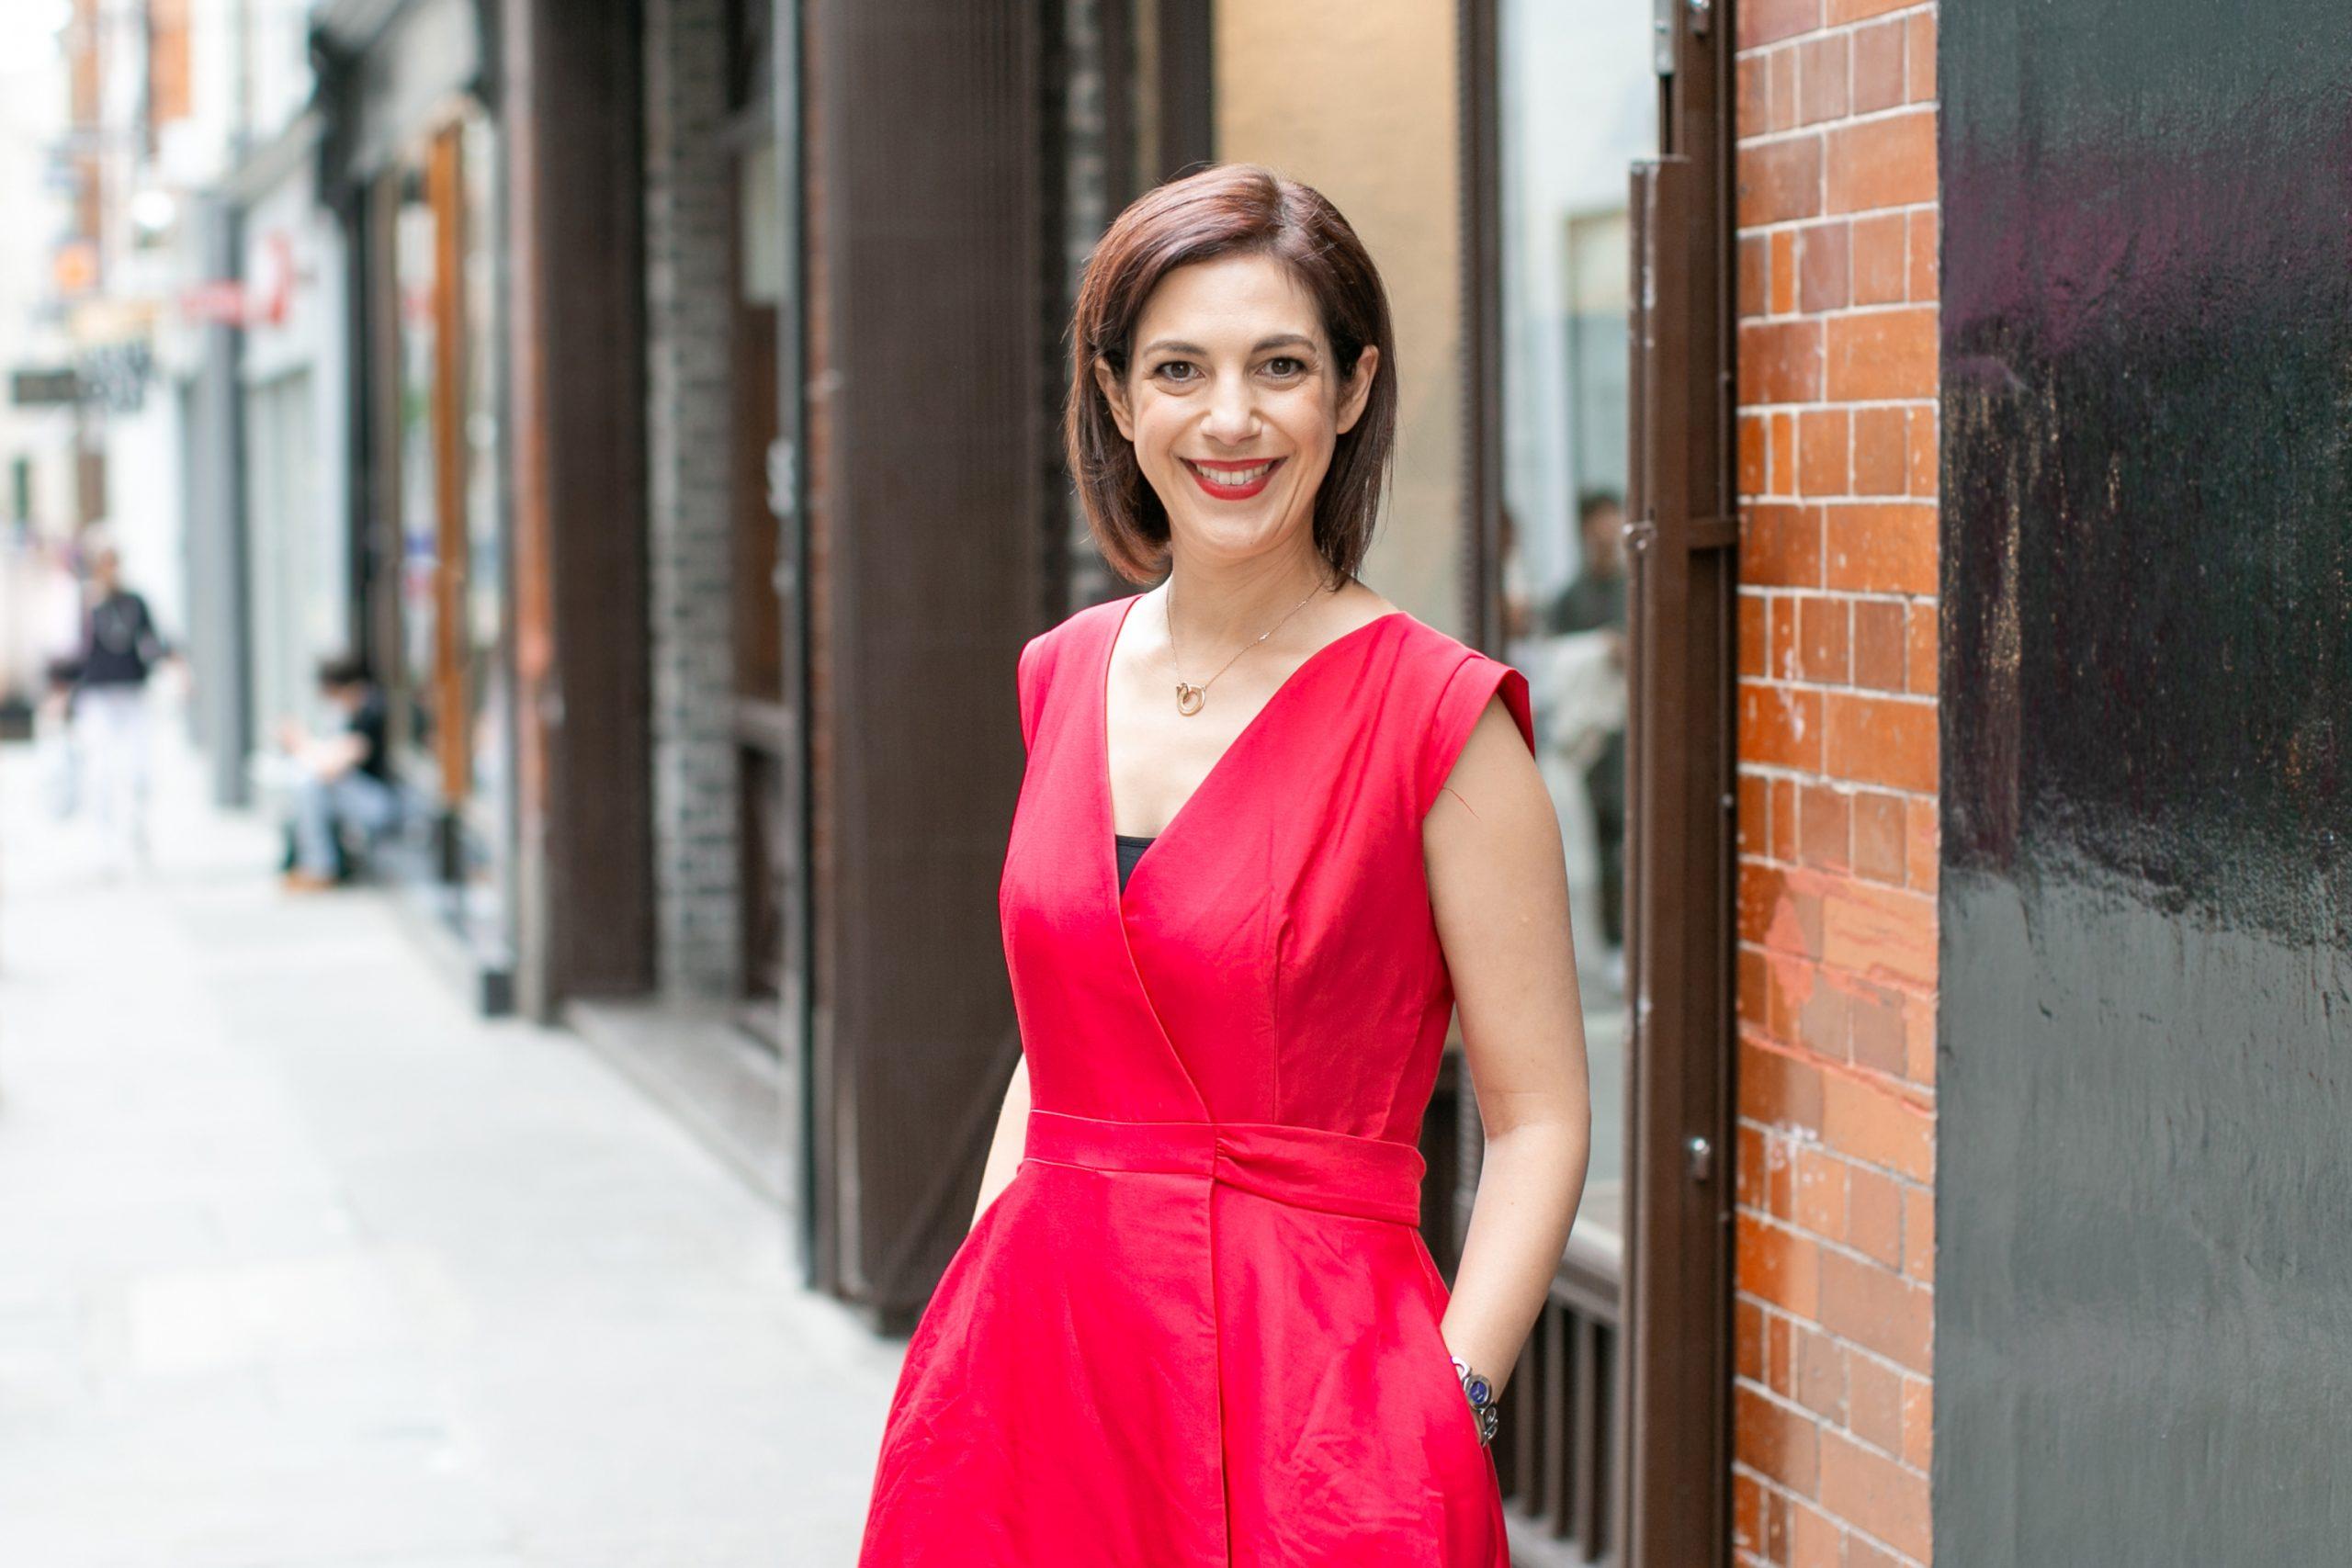 Dina Behrman PR Strategist